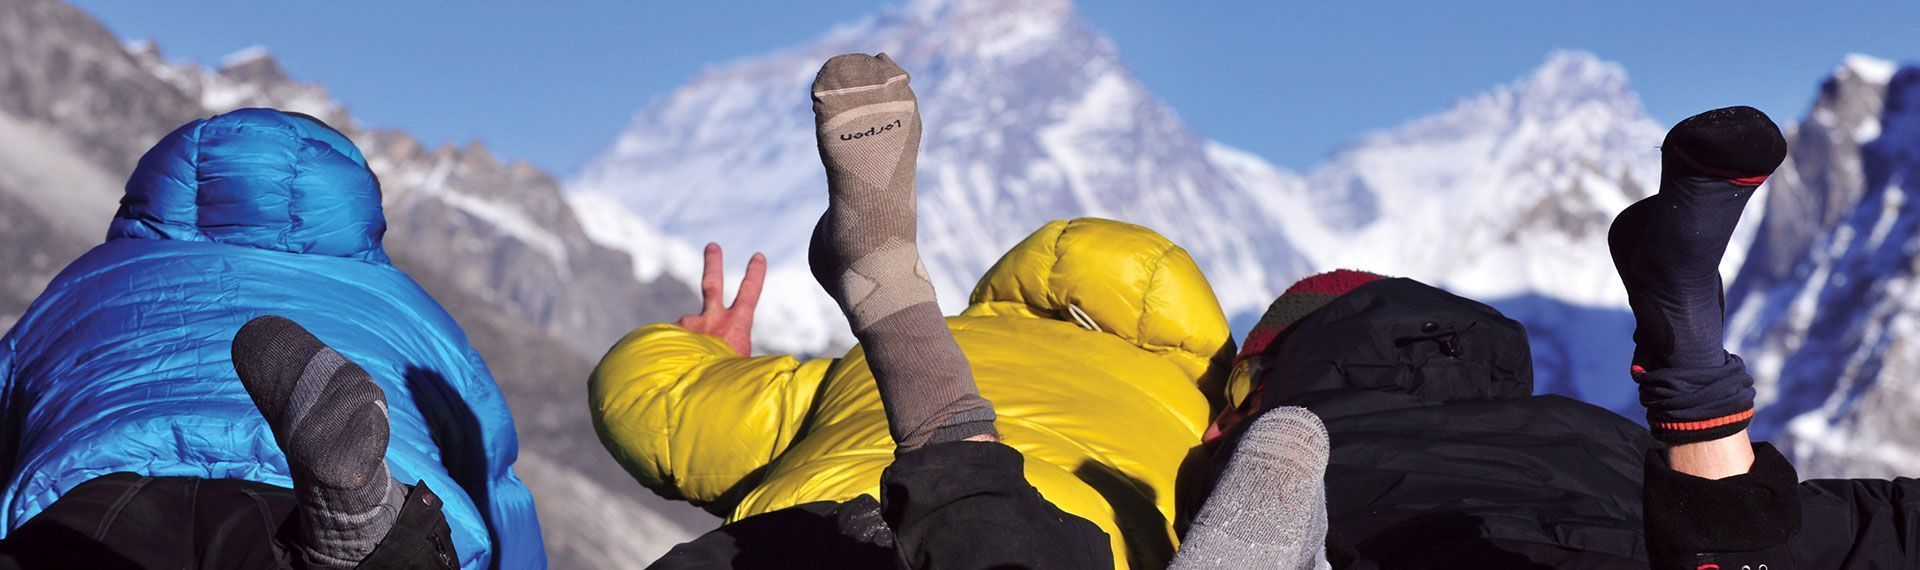 LORPEN troslojne nogavice